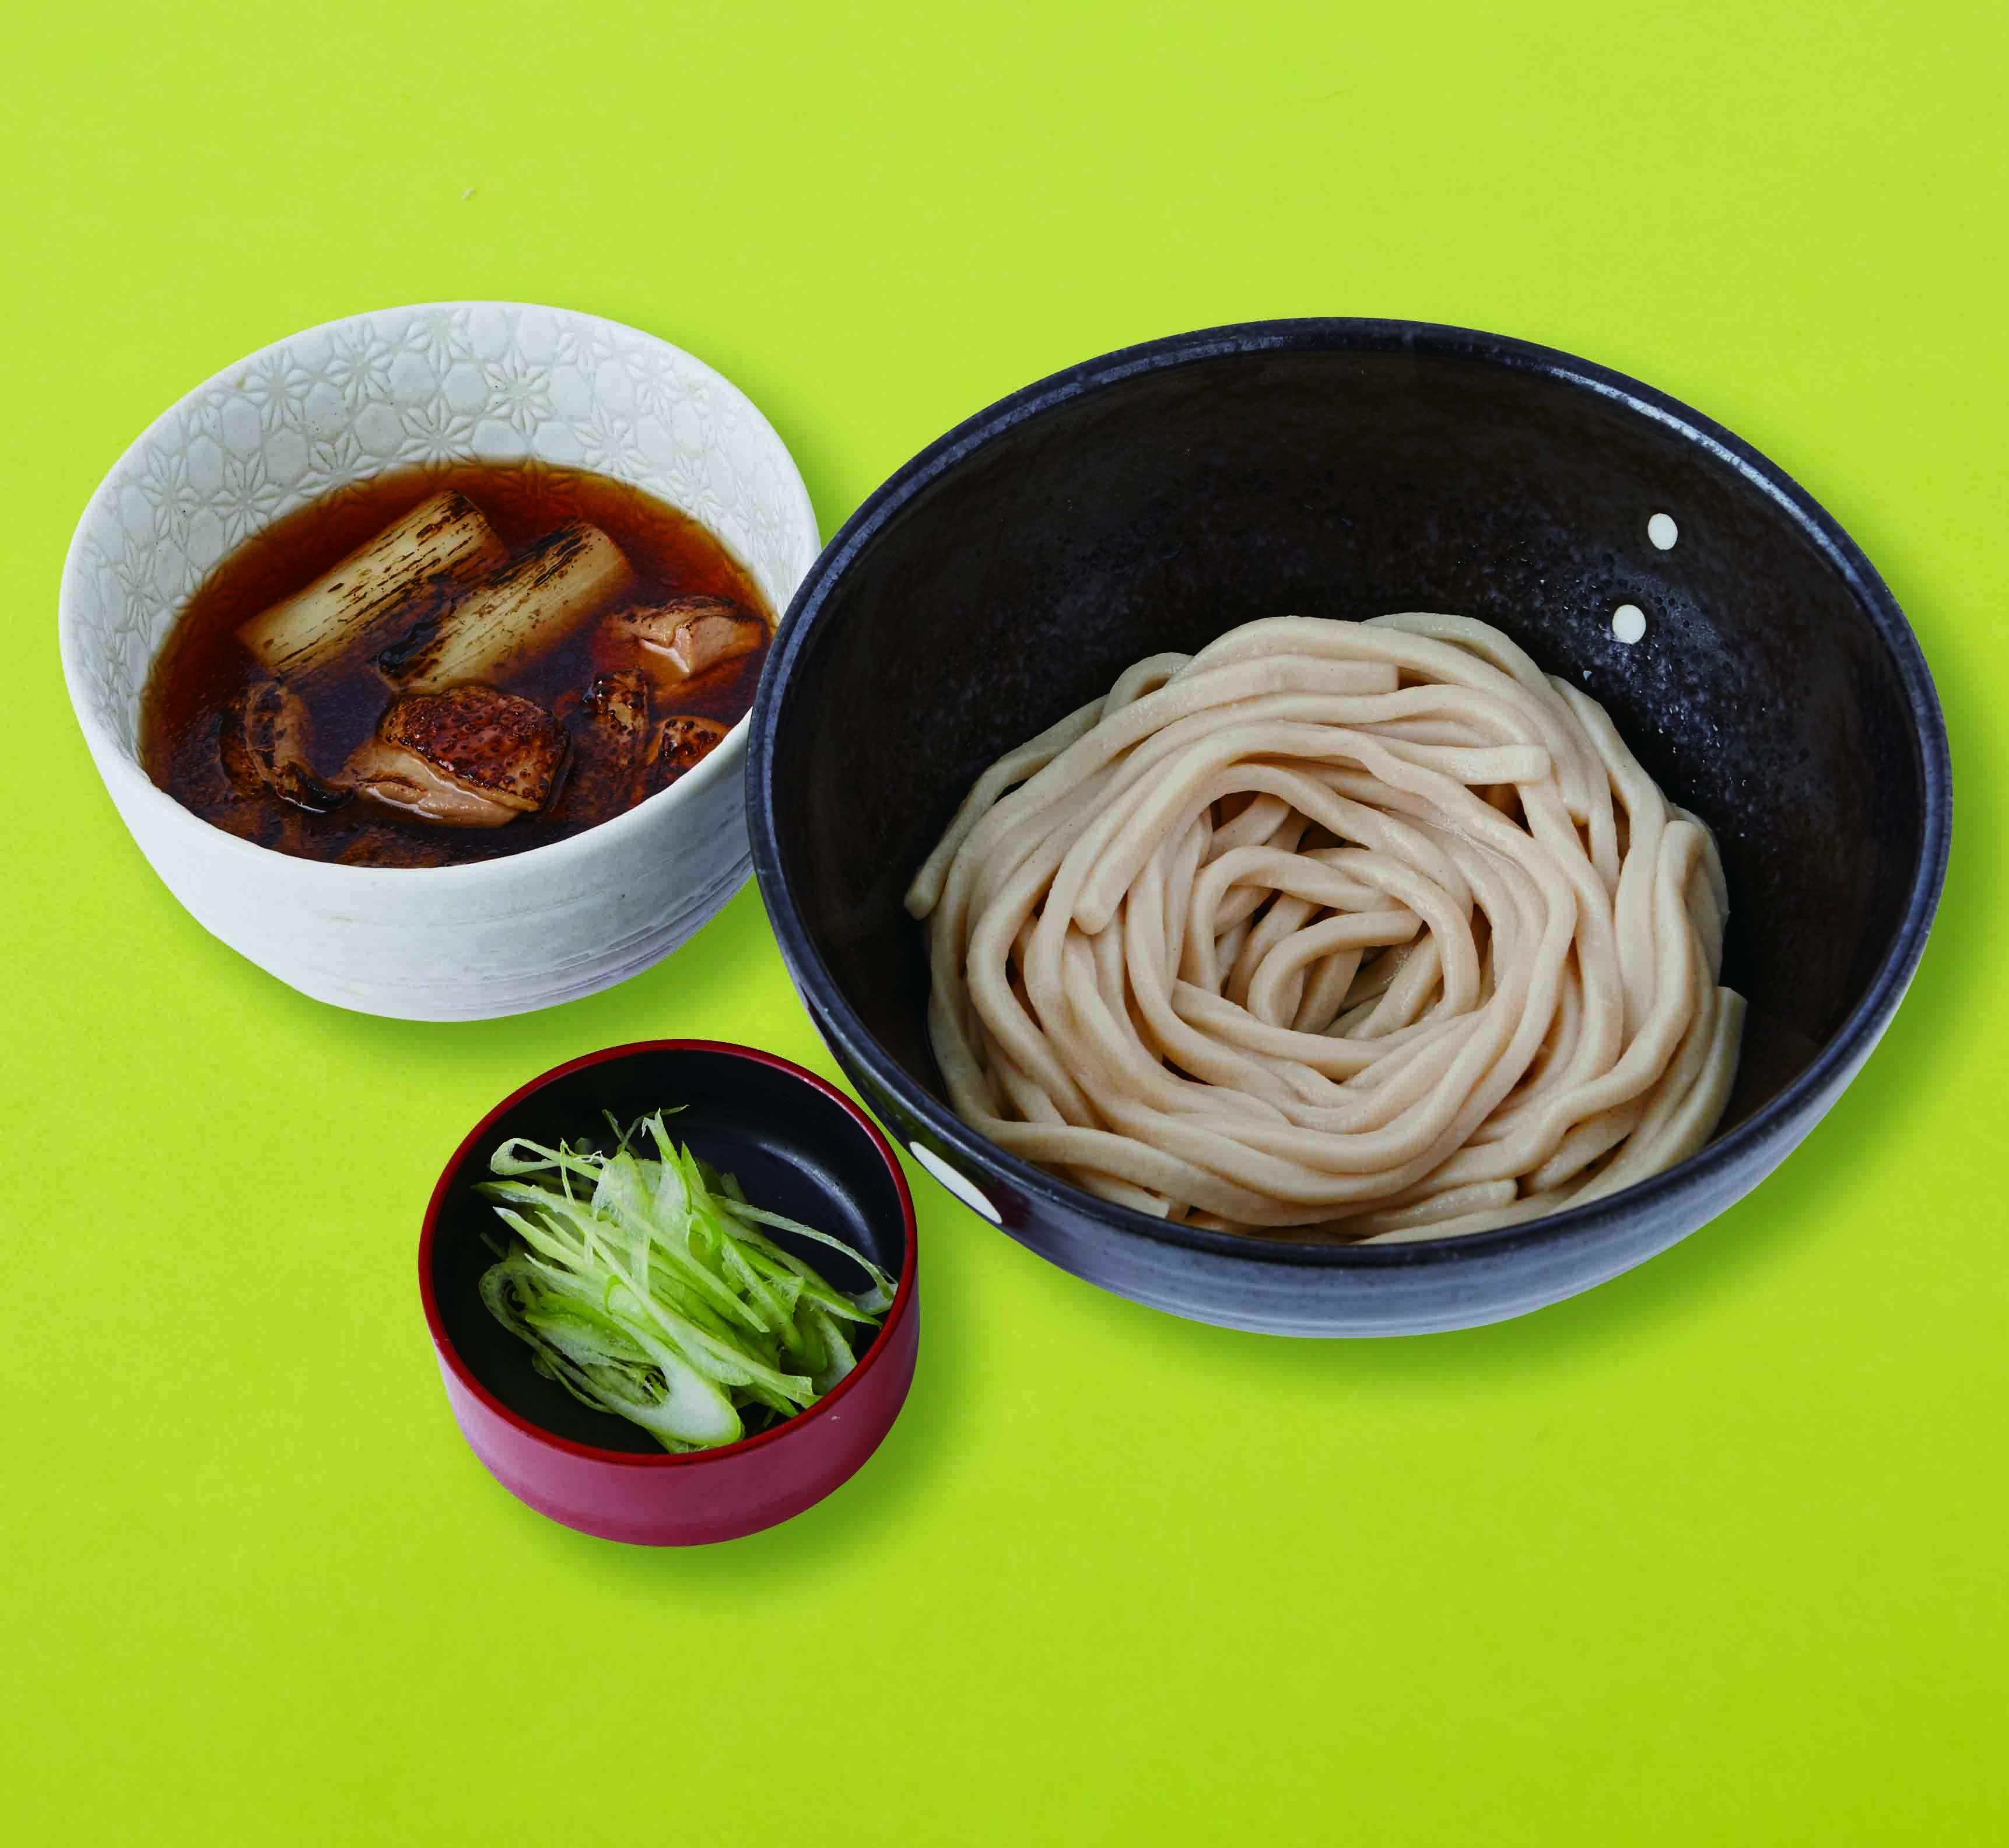 おすすめベスト2 炙り軍鶏つけ麺 / 1,100円(税込)